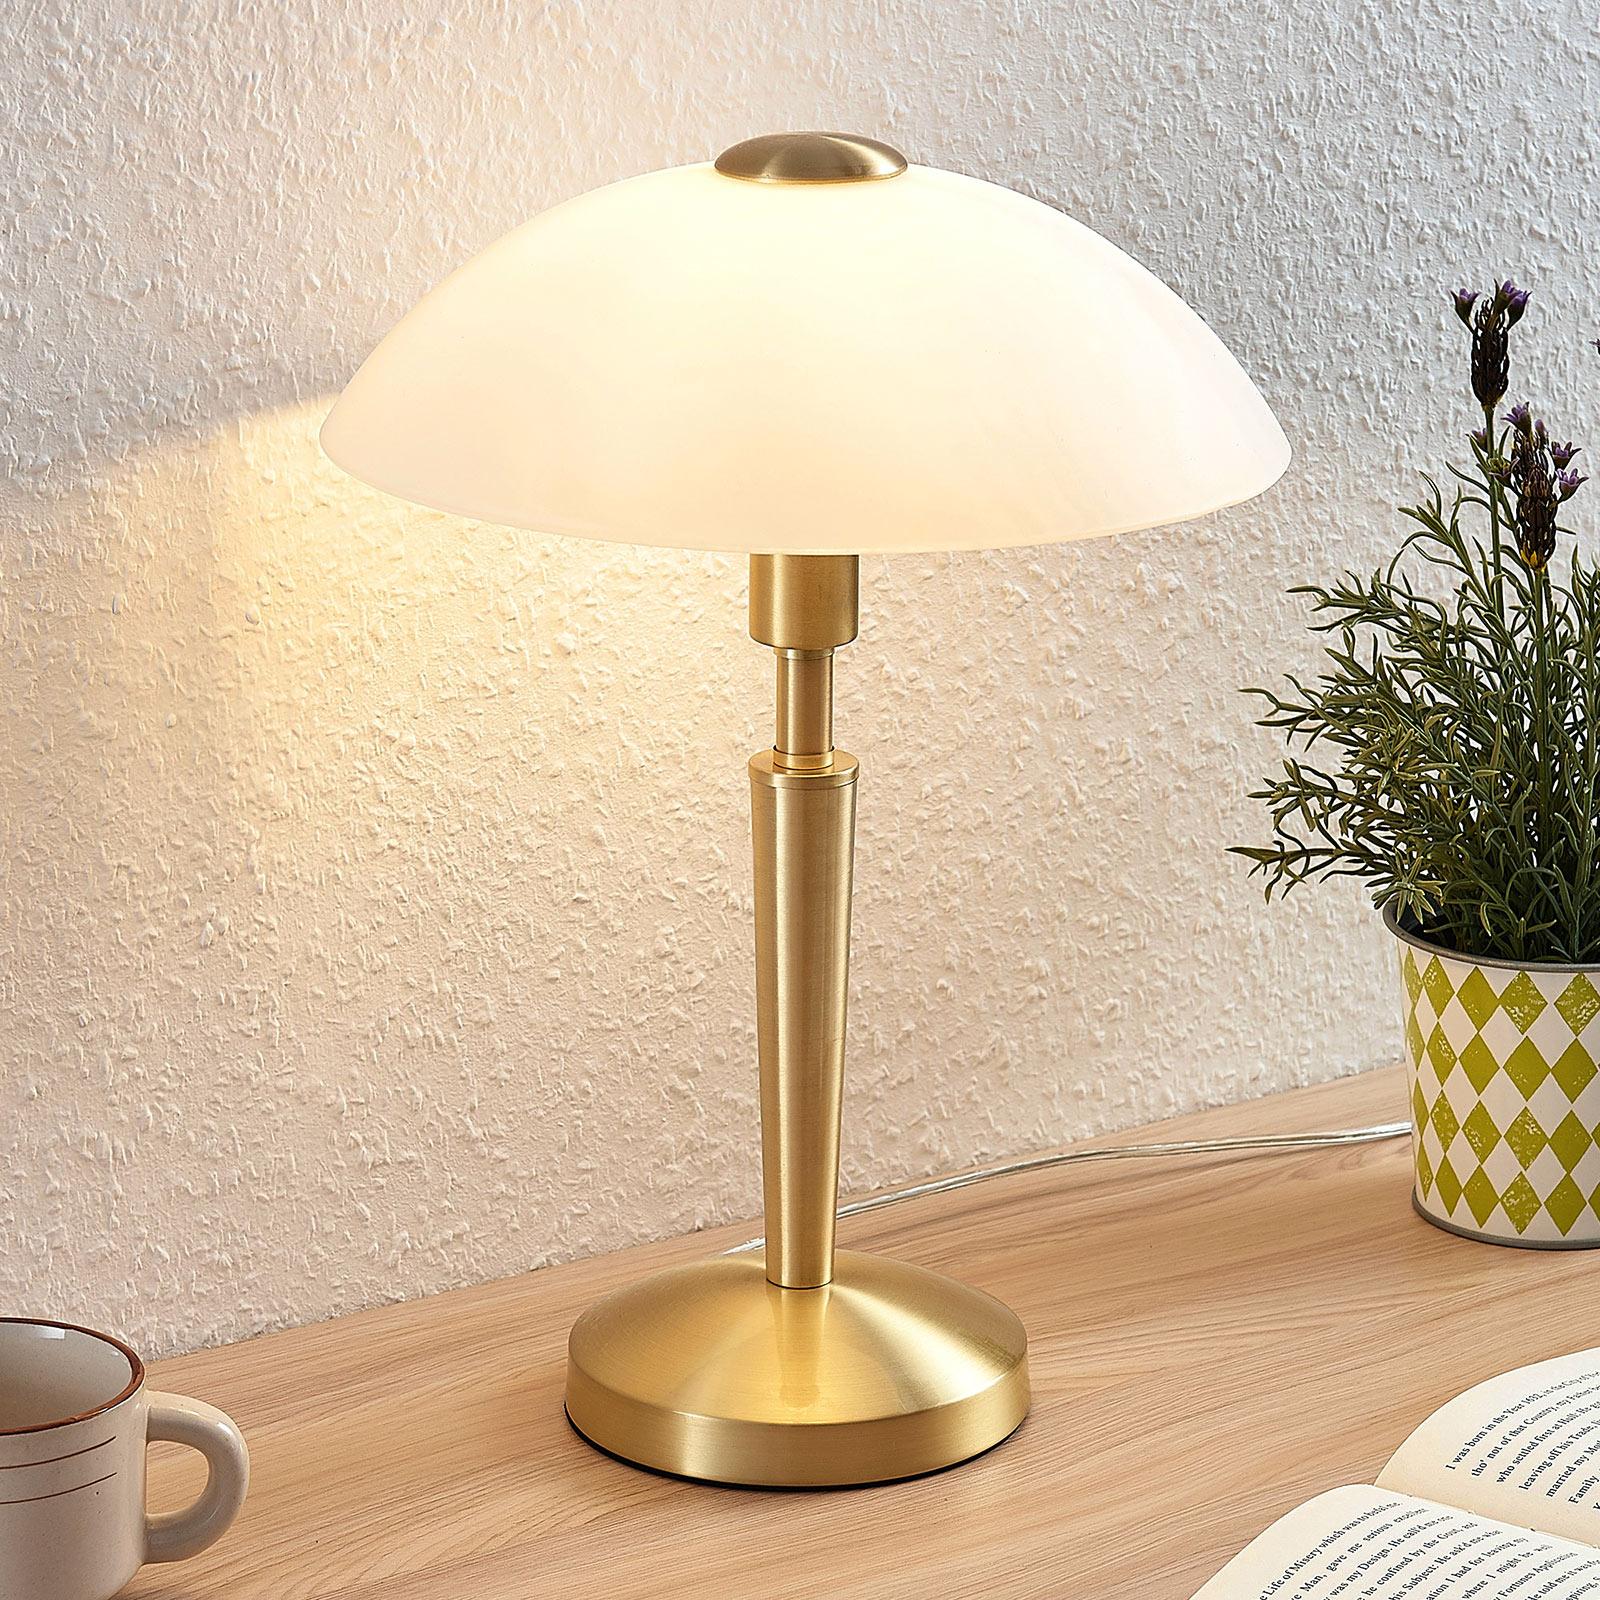 Lampa stołowa Tibby, szklany klosz, mosiężny antyk